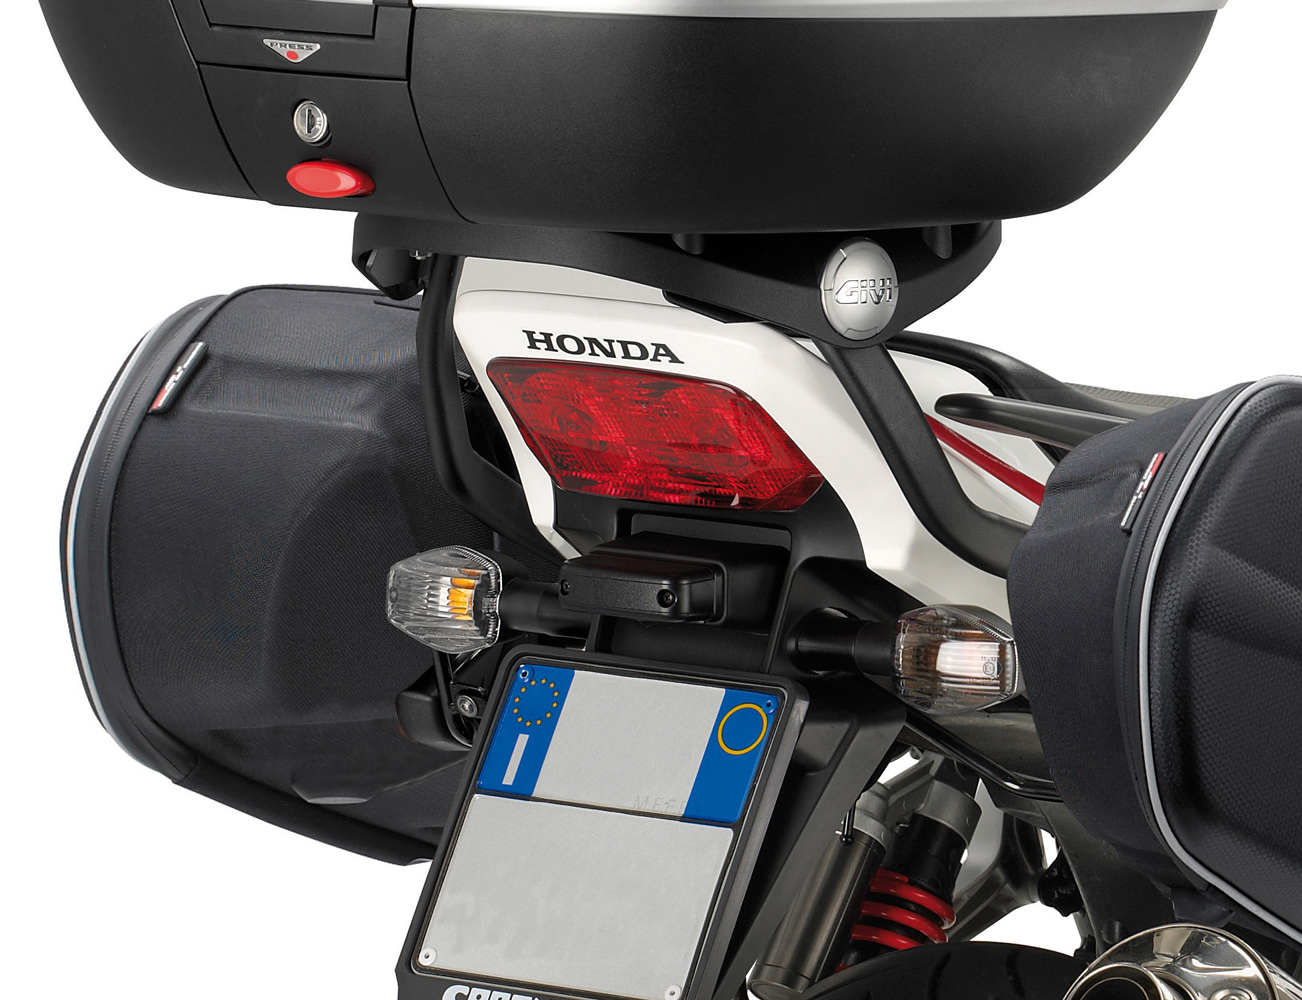 バイク トップケース GIVI モノキー/モノラック 取り付け用 リアキャリア ホンダ CB1300SF 2010-2015